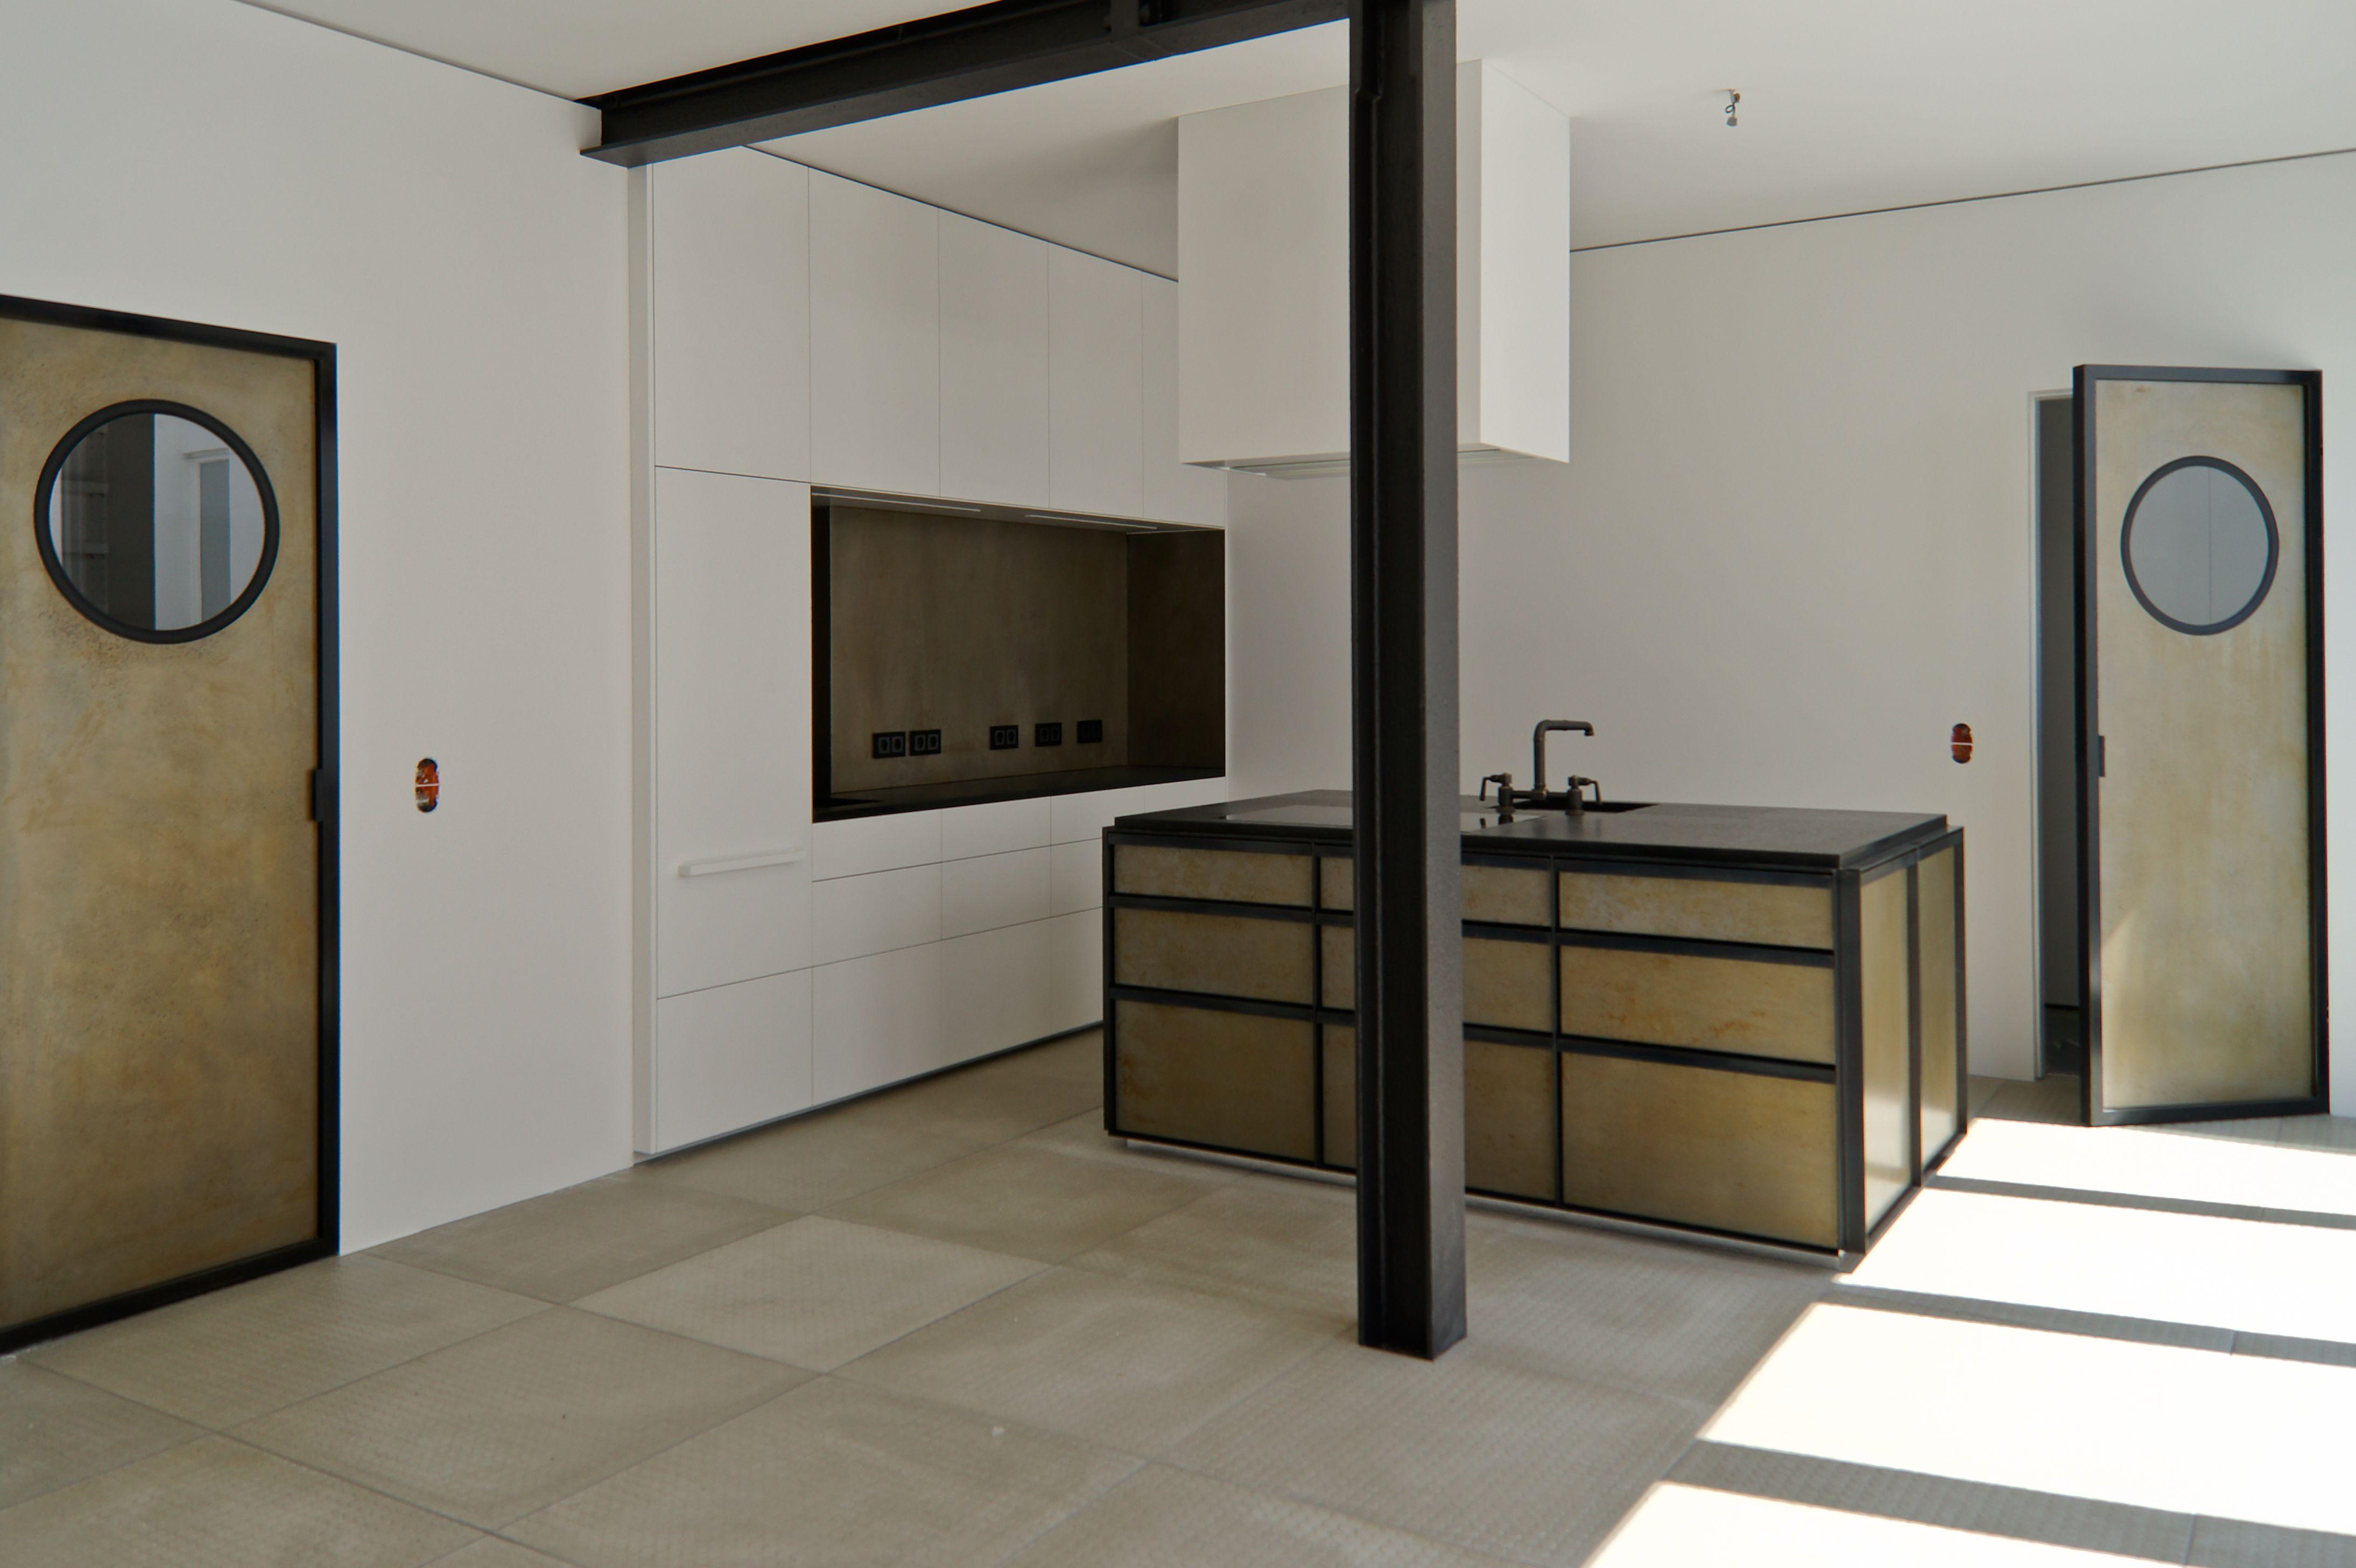 novy dunstabzug cool novy moveline edelstahl interner motor cm with novy dunstabzug novy. Black Bedroom Furniture Sets. Home Design Ideas